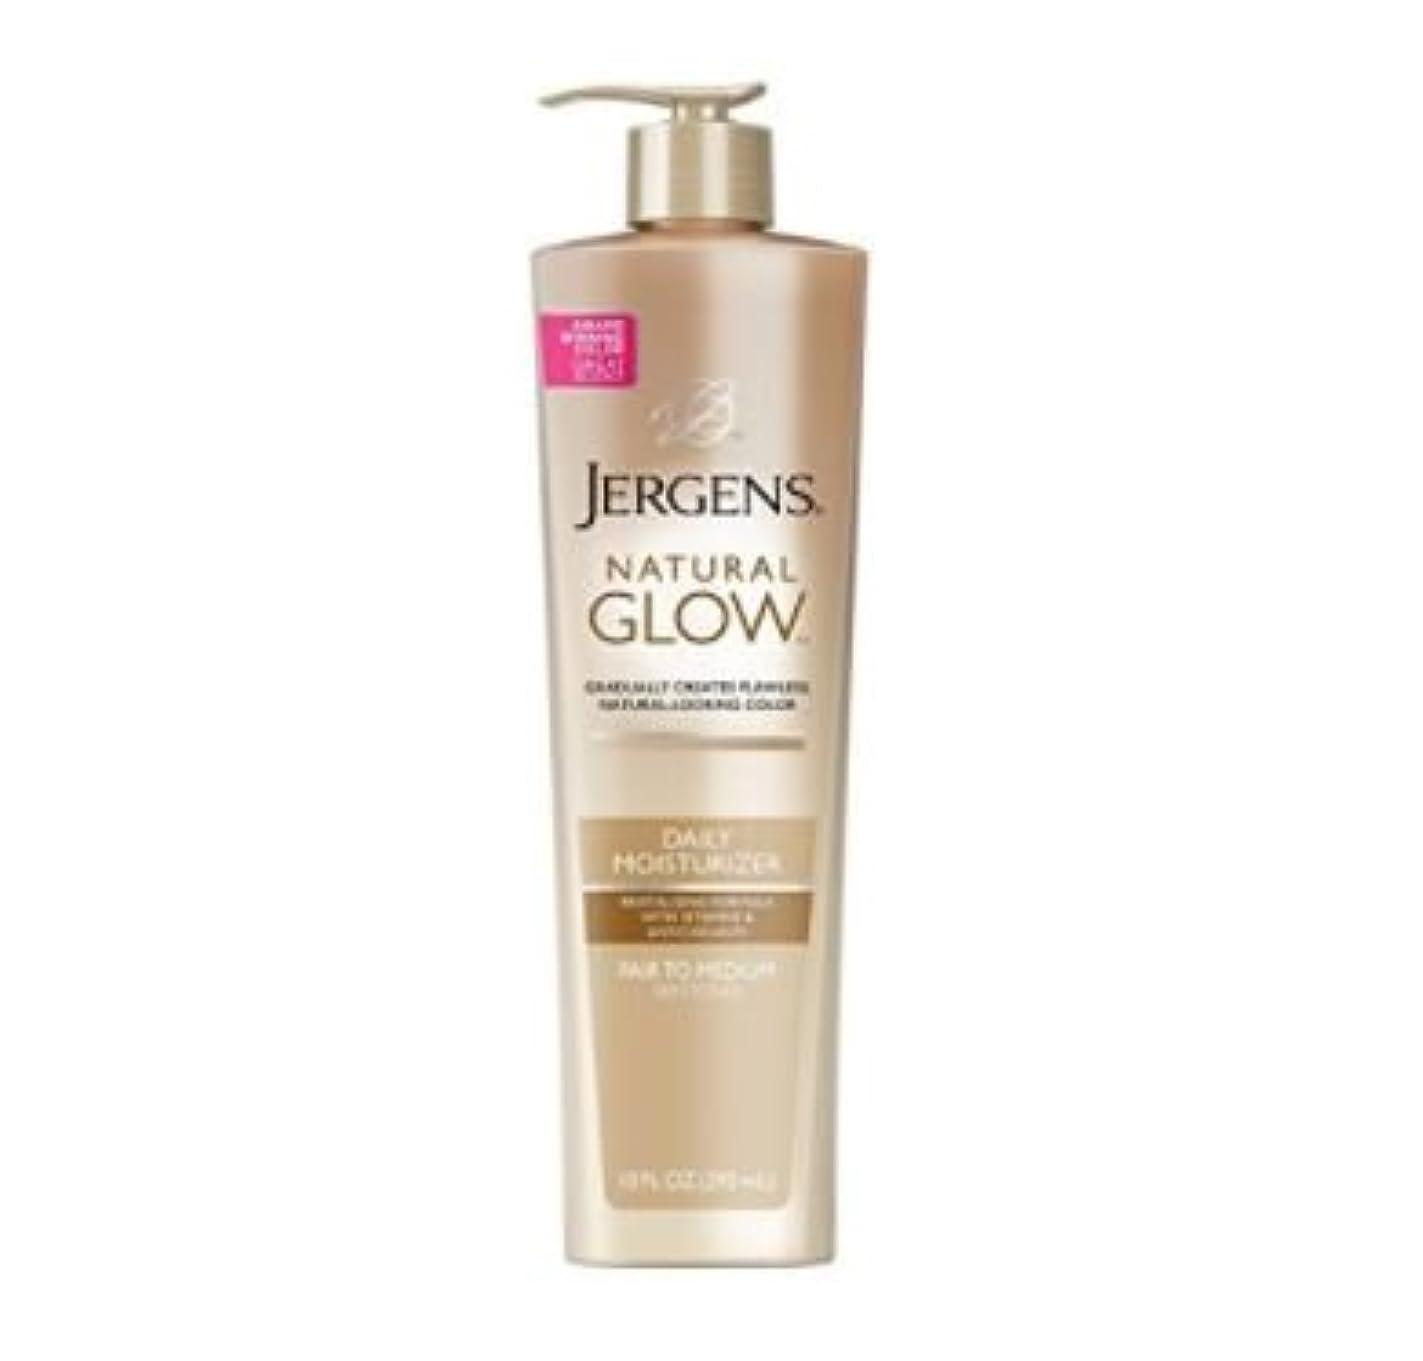 れるデジタルオーガニックジャーゲンス【ポンプ付き295ml】塗るだけでキレイなブロンズ肌! セルフタンニングローション Jergens Natural Glow ジャーゲンズ (Fair/Medium 色白の方用)